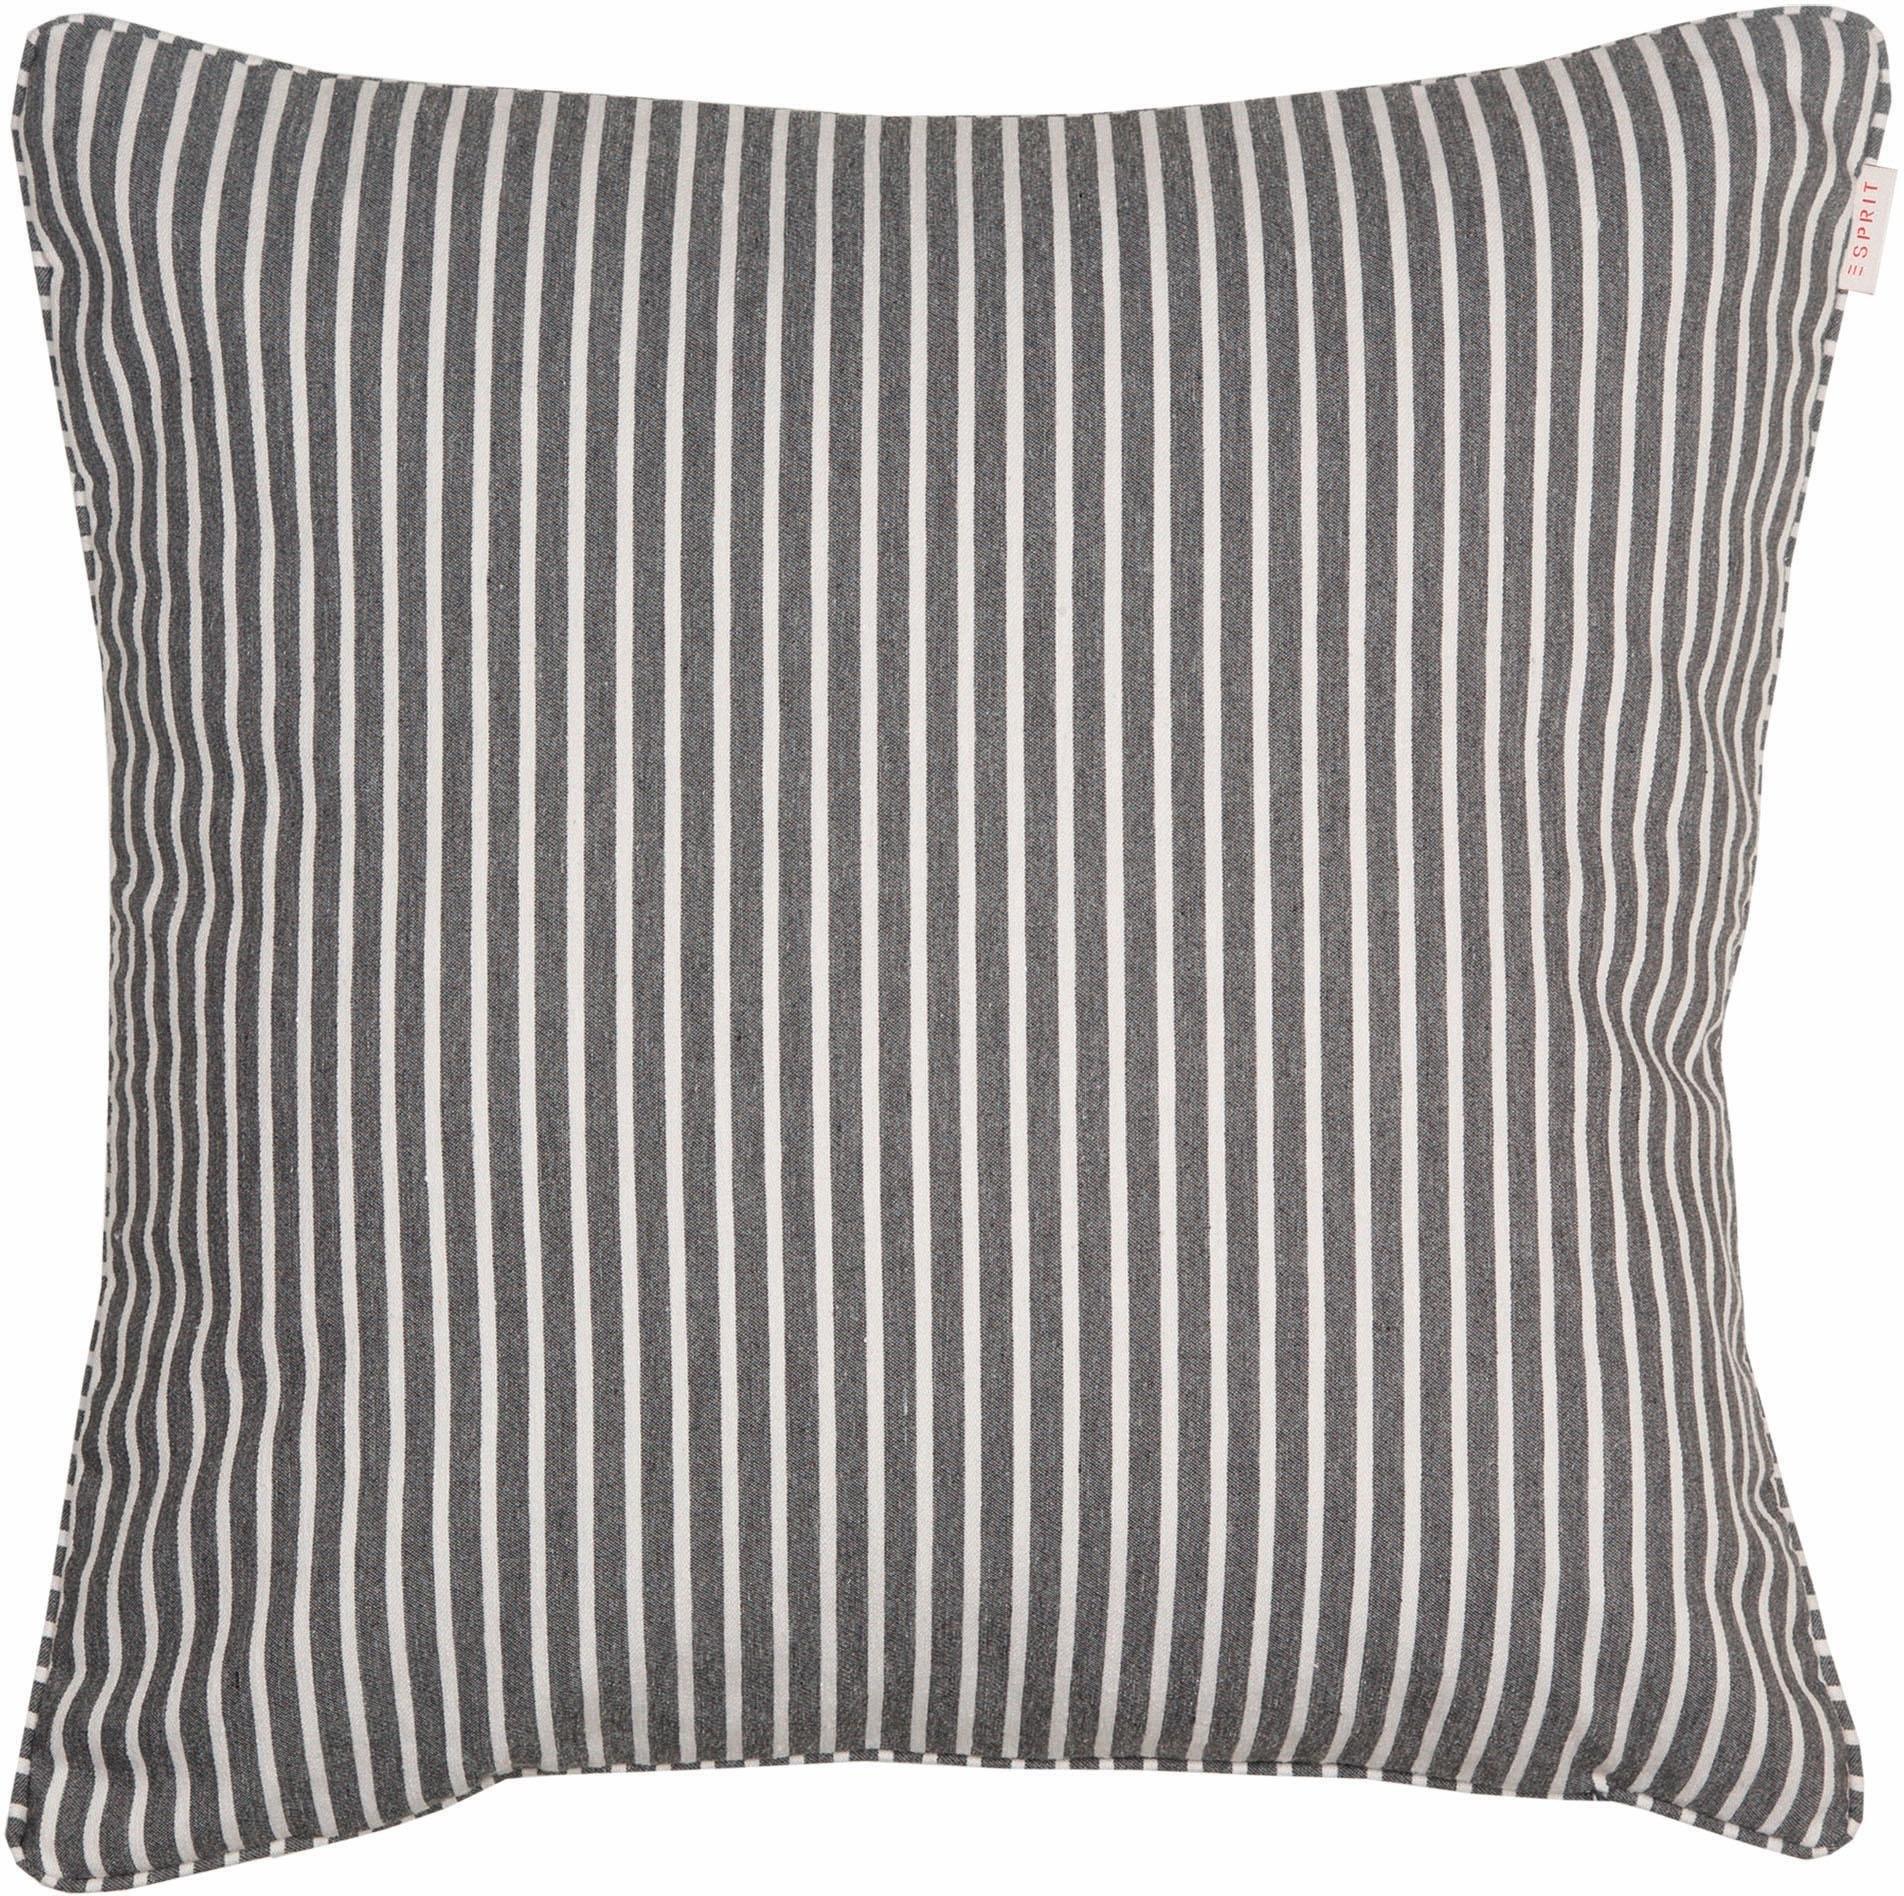 ESPRIT Kussenovertrek,Home, »Stripe« (per stuk) voordelig en veilig online kopen